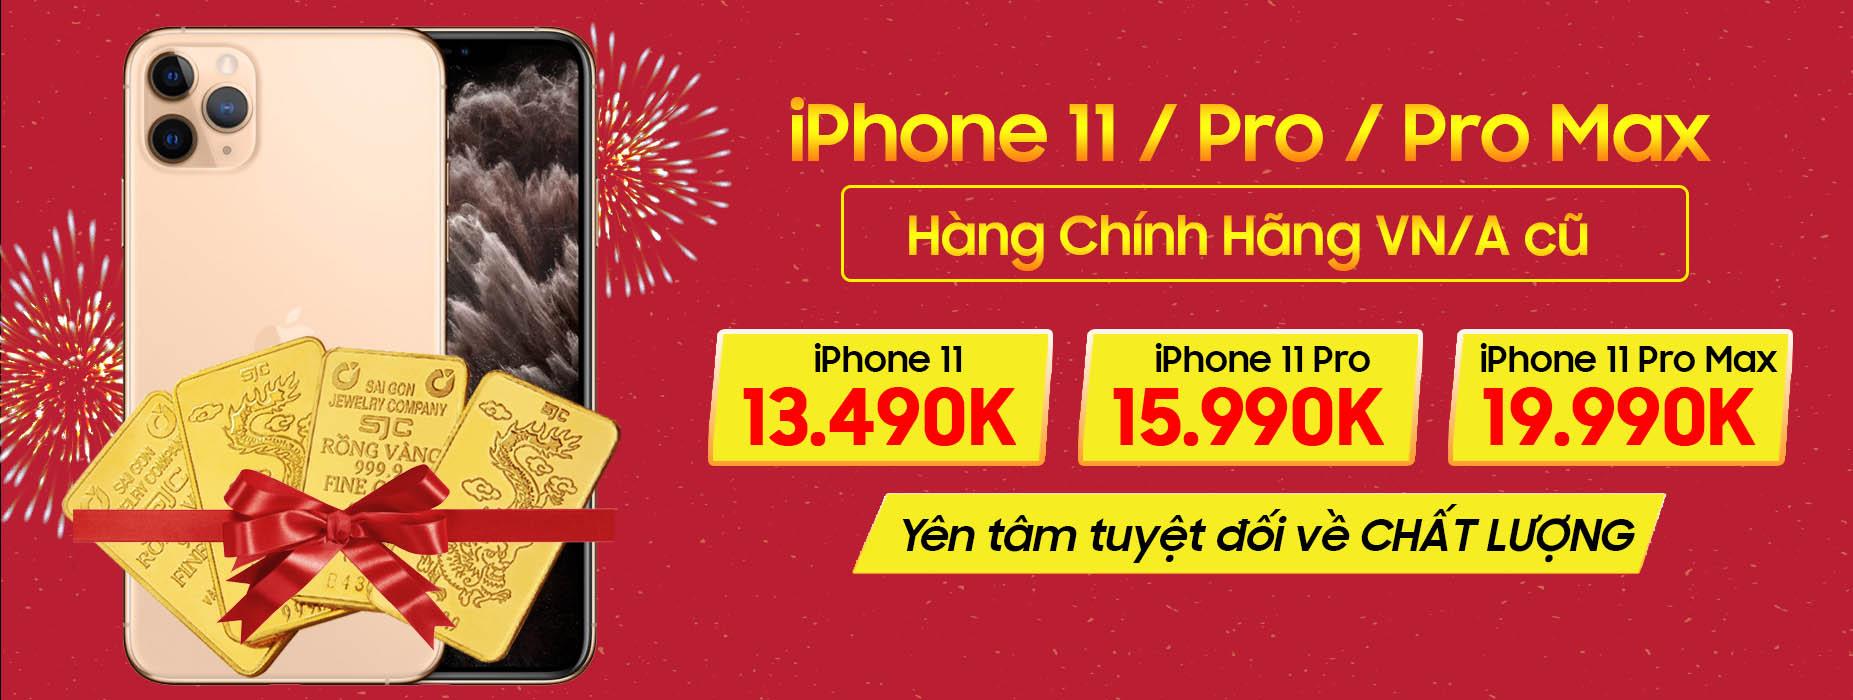 iPhone 11 Series chính hãngiPhone 11 Series chính hãng